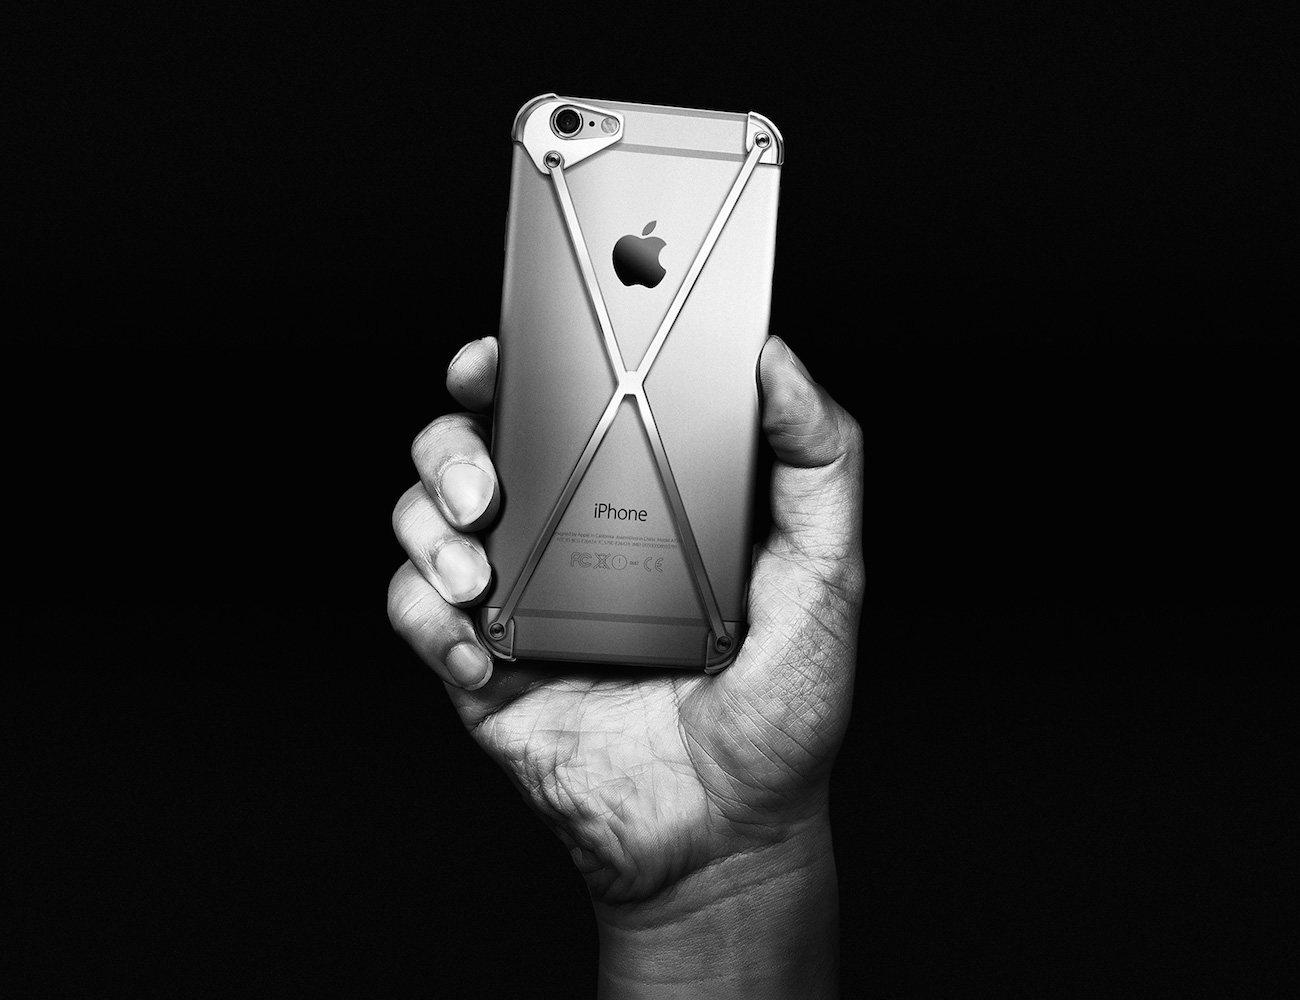 RADIUS Case for iPhone 6 & 6 Plus